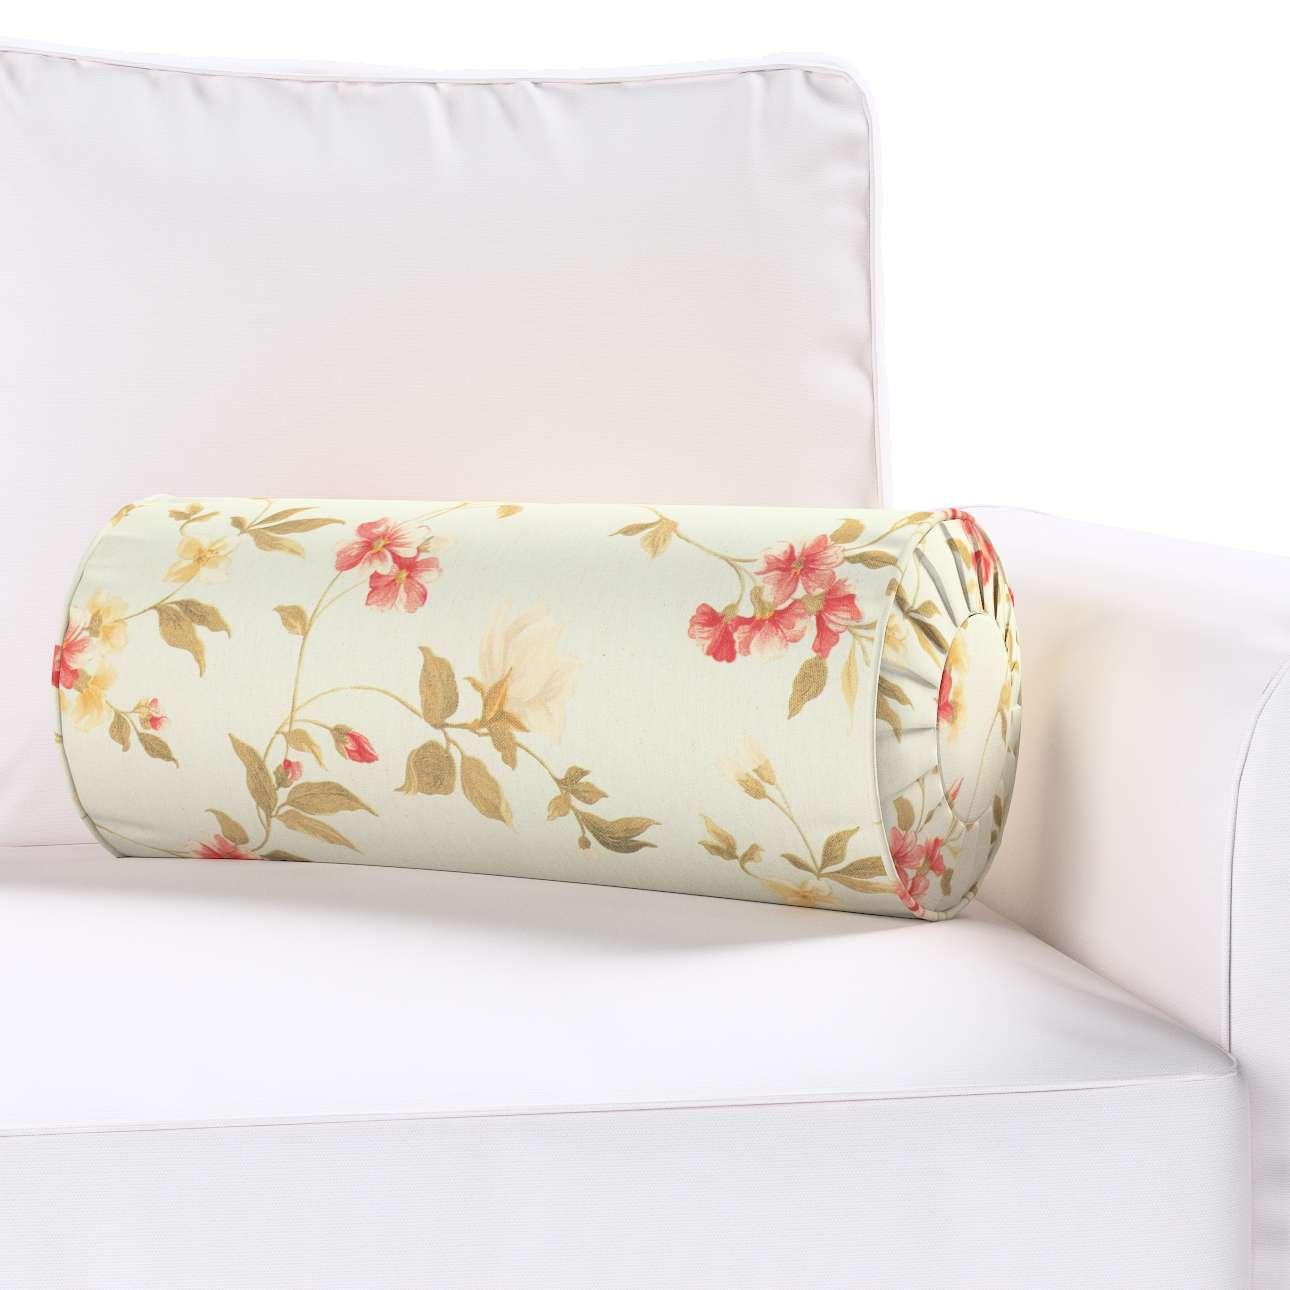 Poduszka wałek z zakładkami Ø20x50cm w kolekcji Londres, tkanina: 124-65